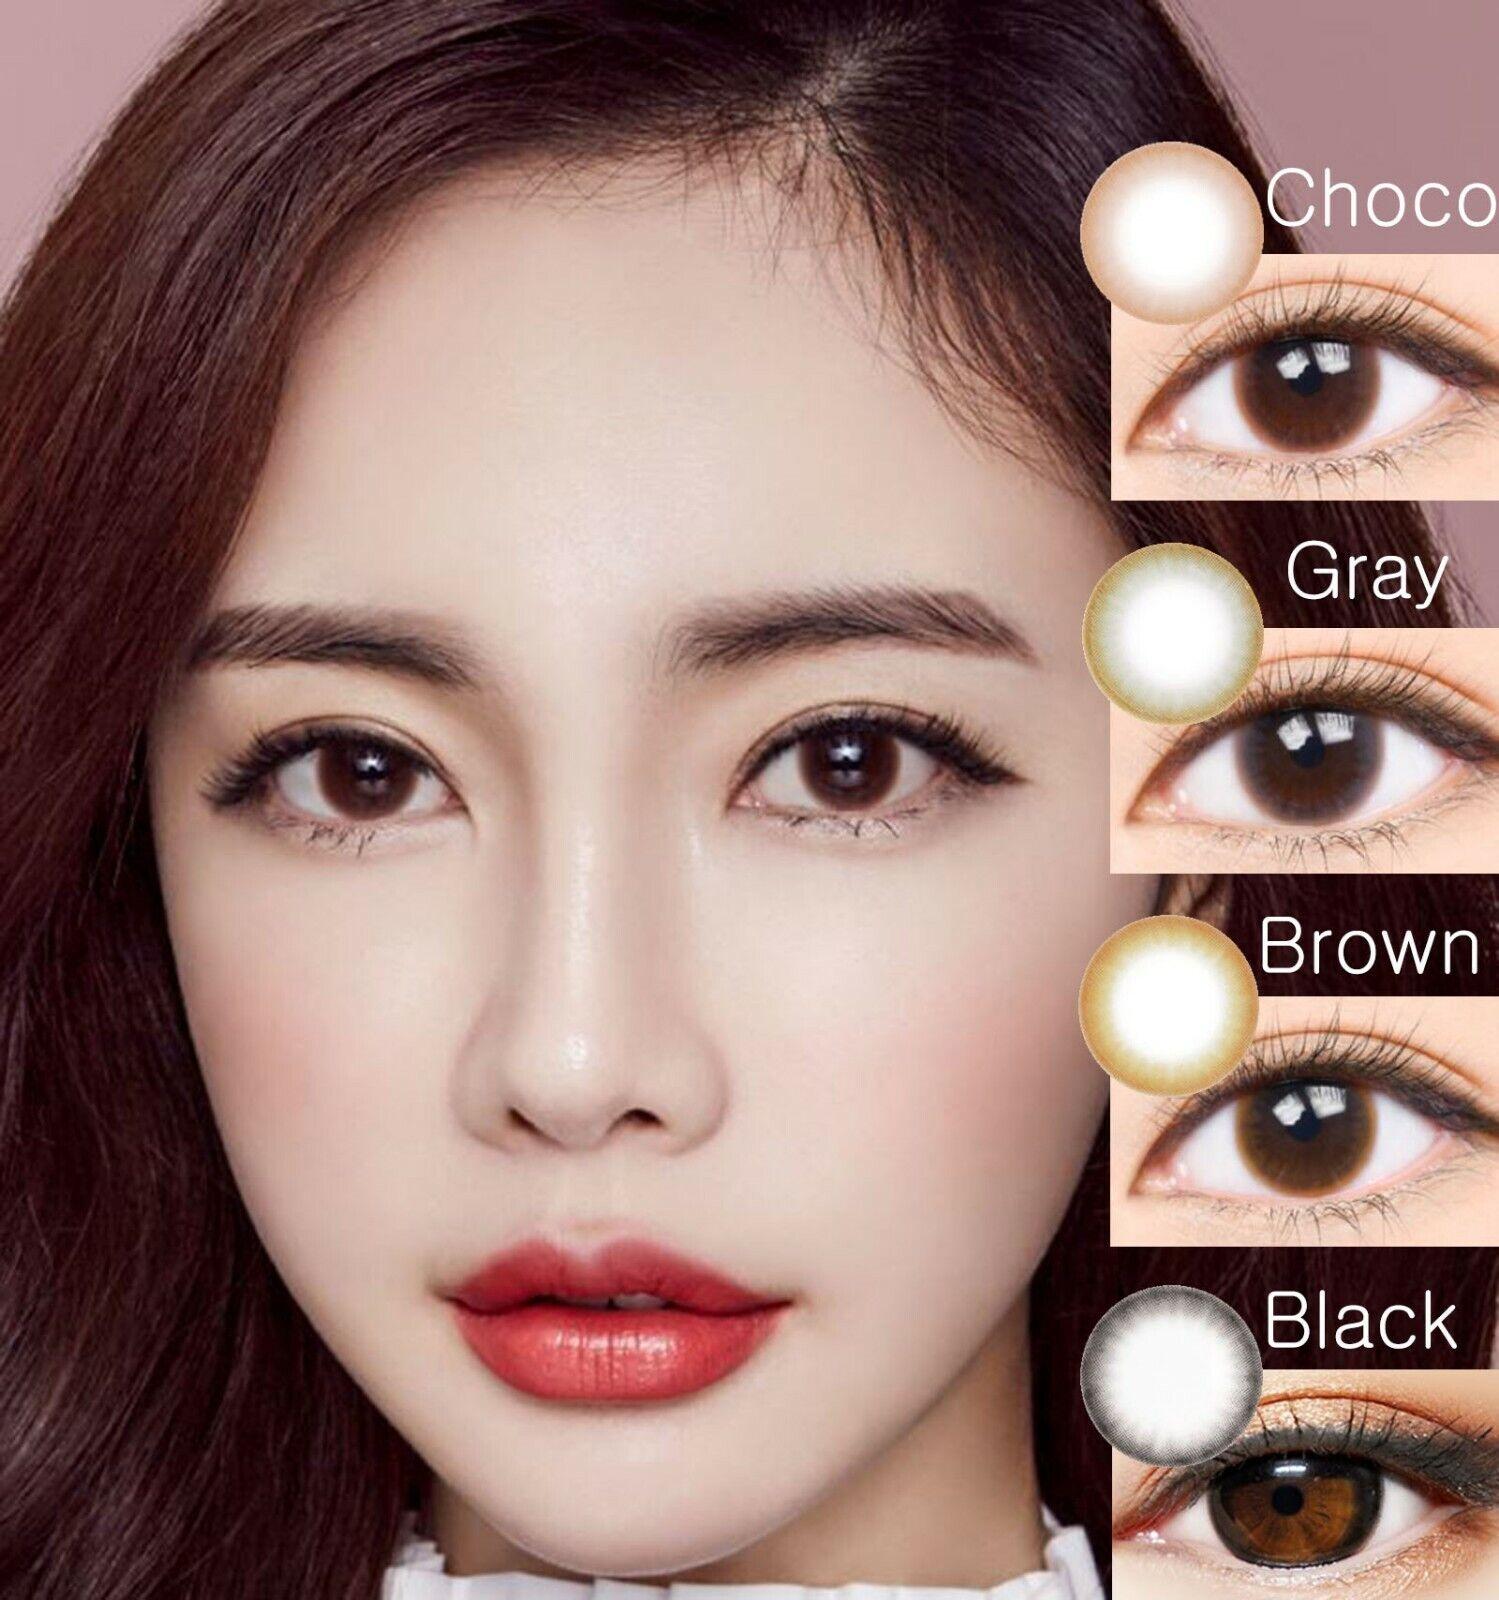 Mochi 2 Colored Black-Farbige Kontaktlinsen-Stärke-Korea Colored Contact Lenses